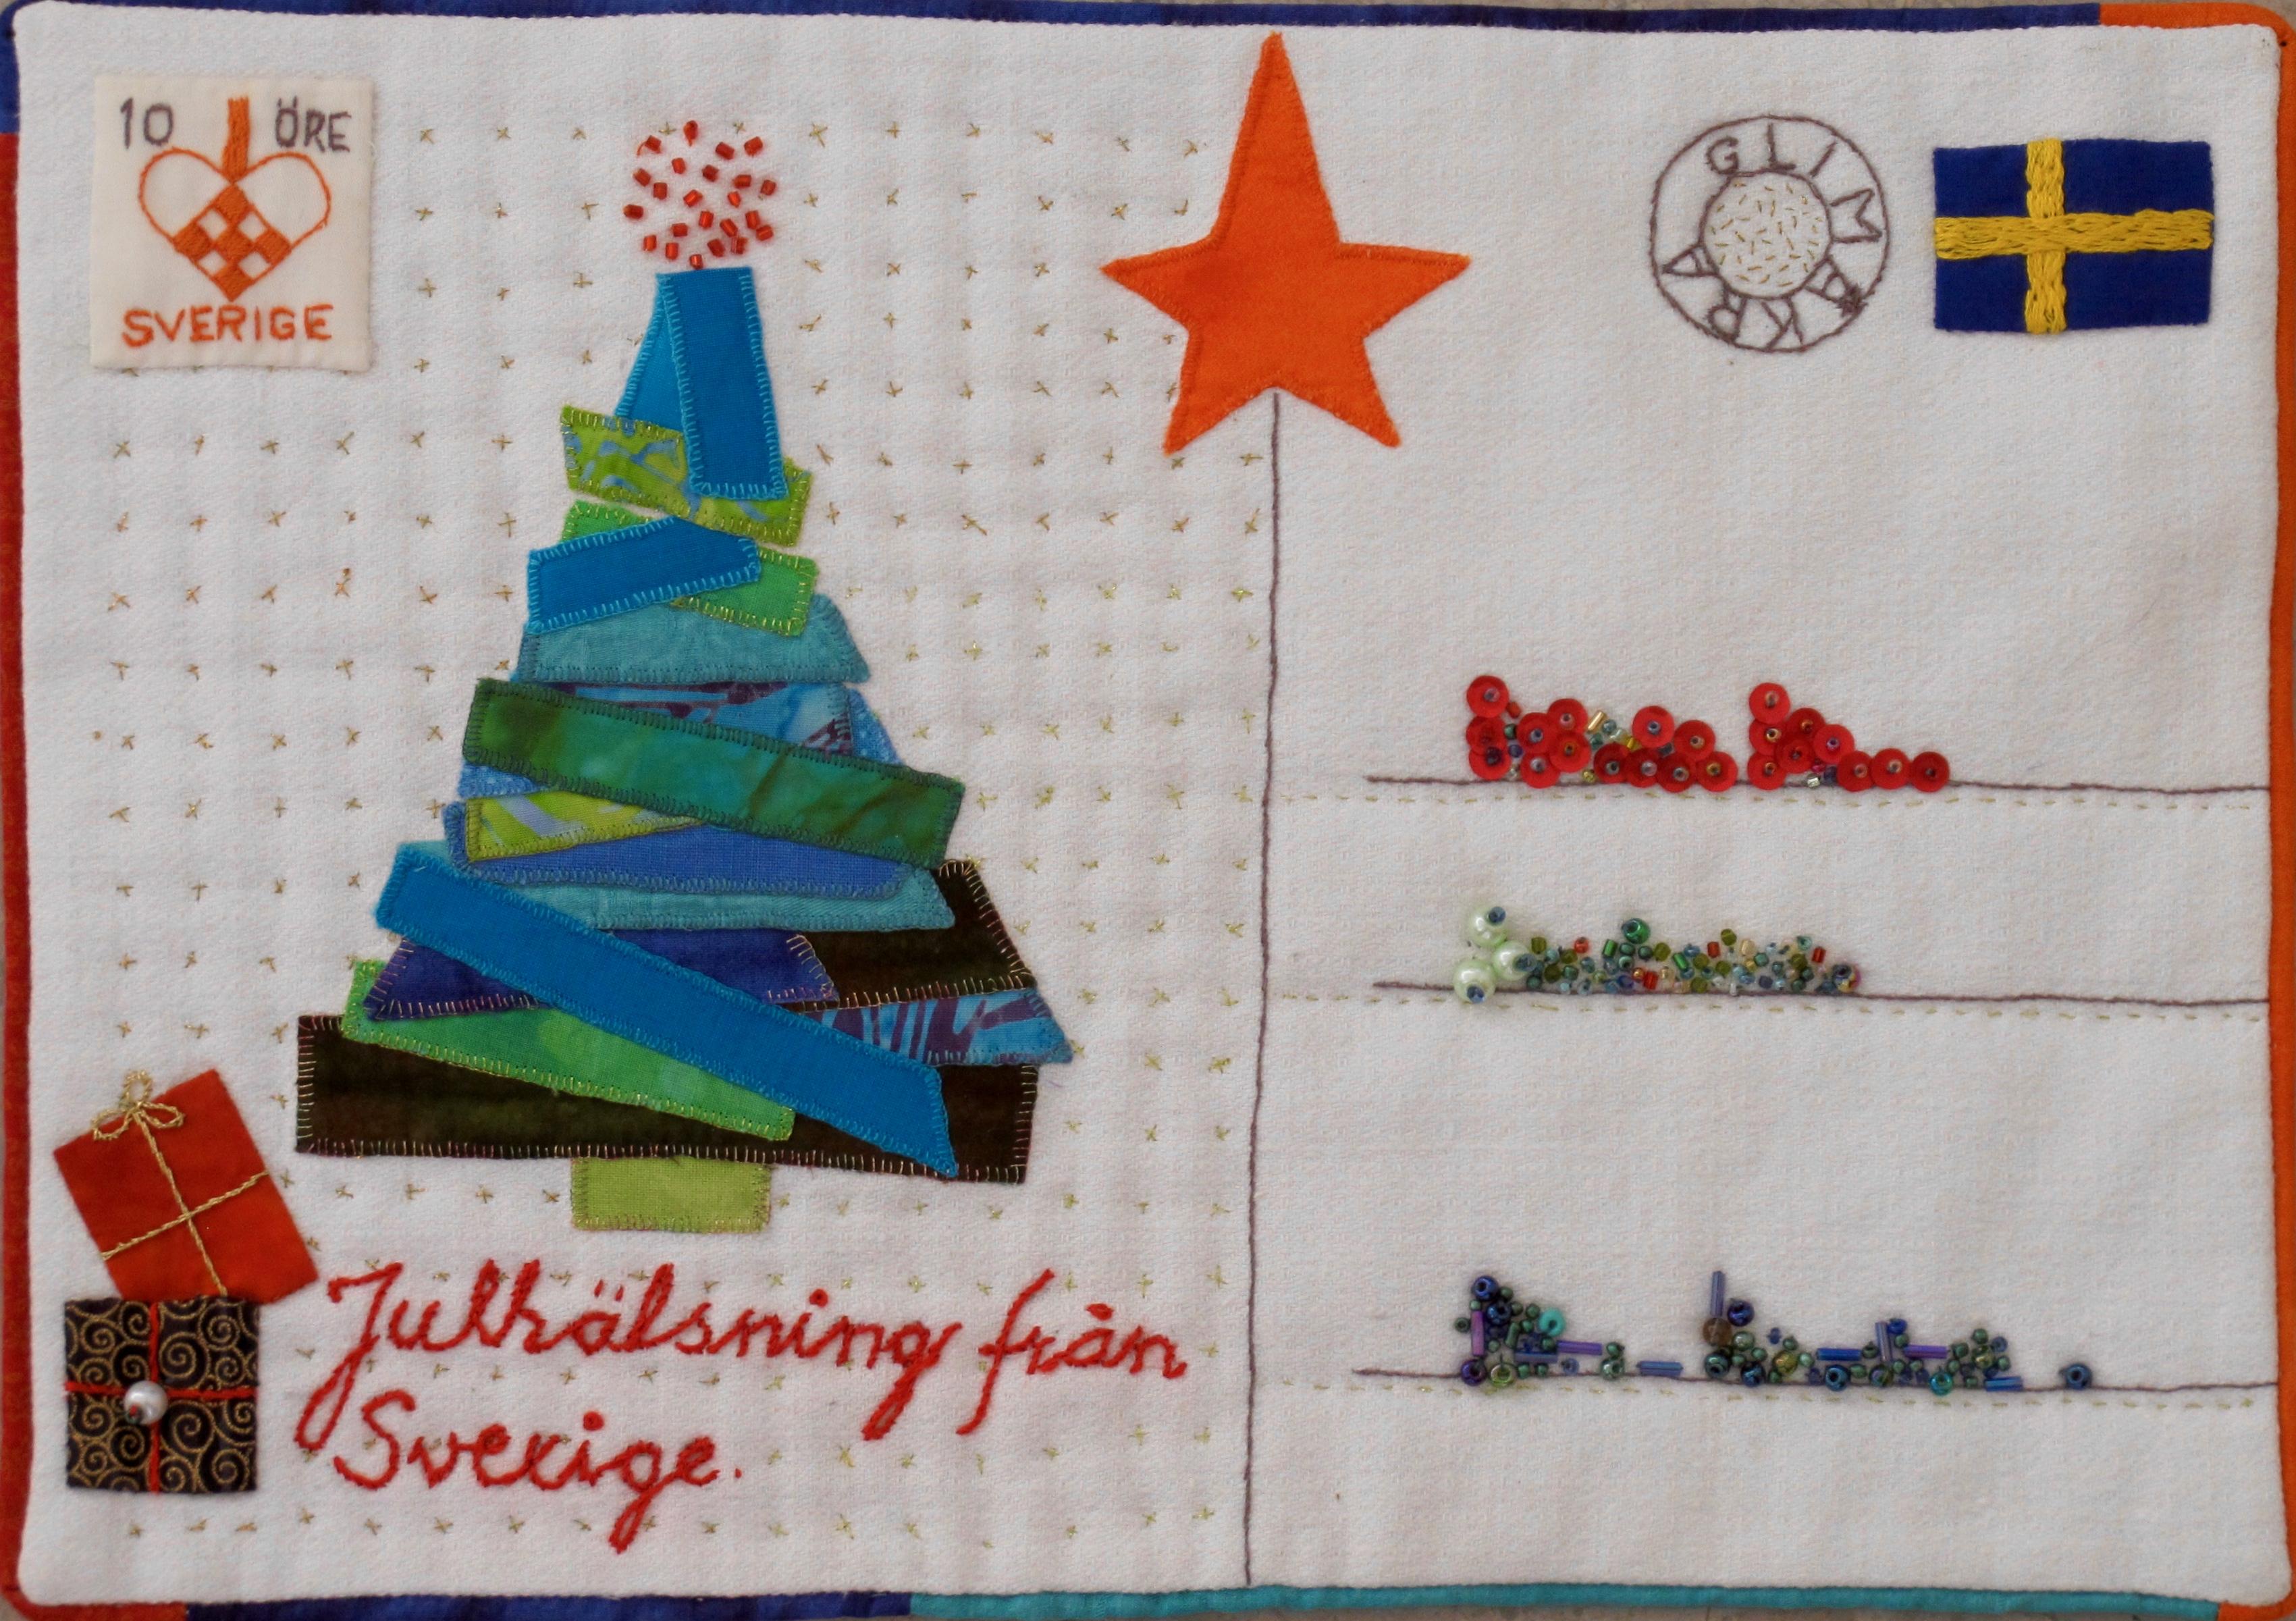 December Julhälsningar från Sverige Gullvi Wikström